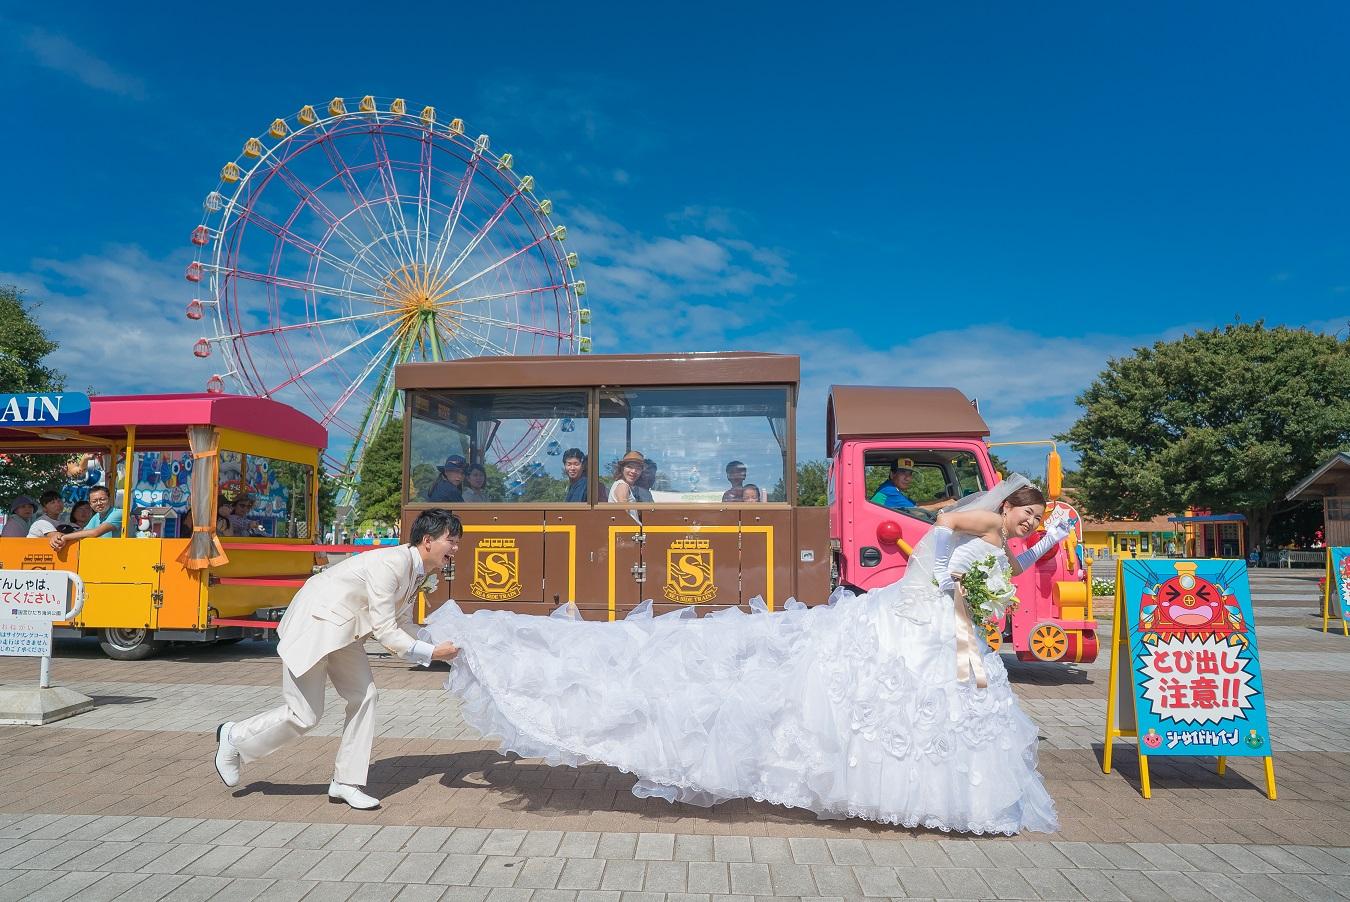 水戸 茨城 エクラ 前撮り カメラマンで選ぶ 素敵な写真 ひたち海浜公園